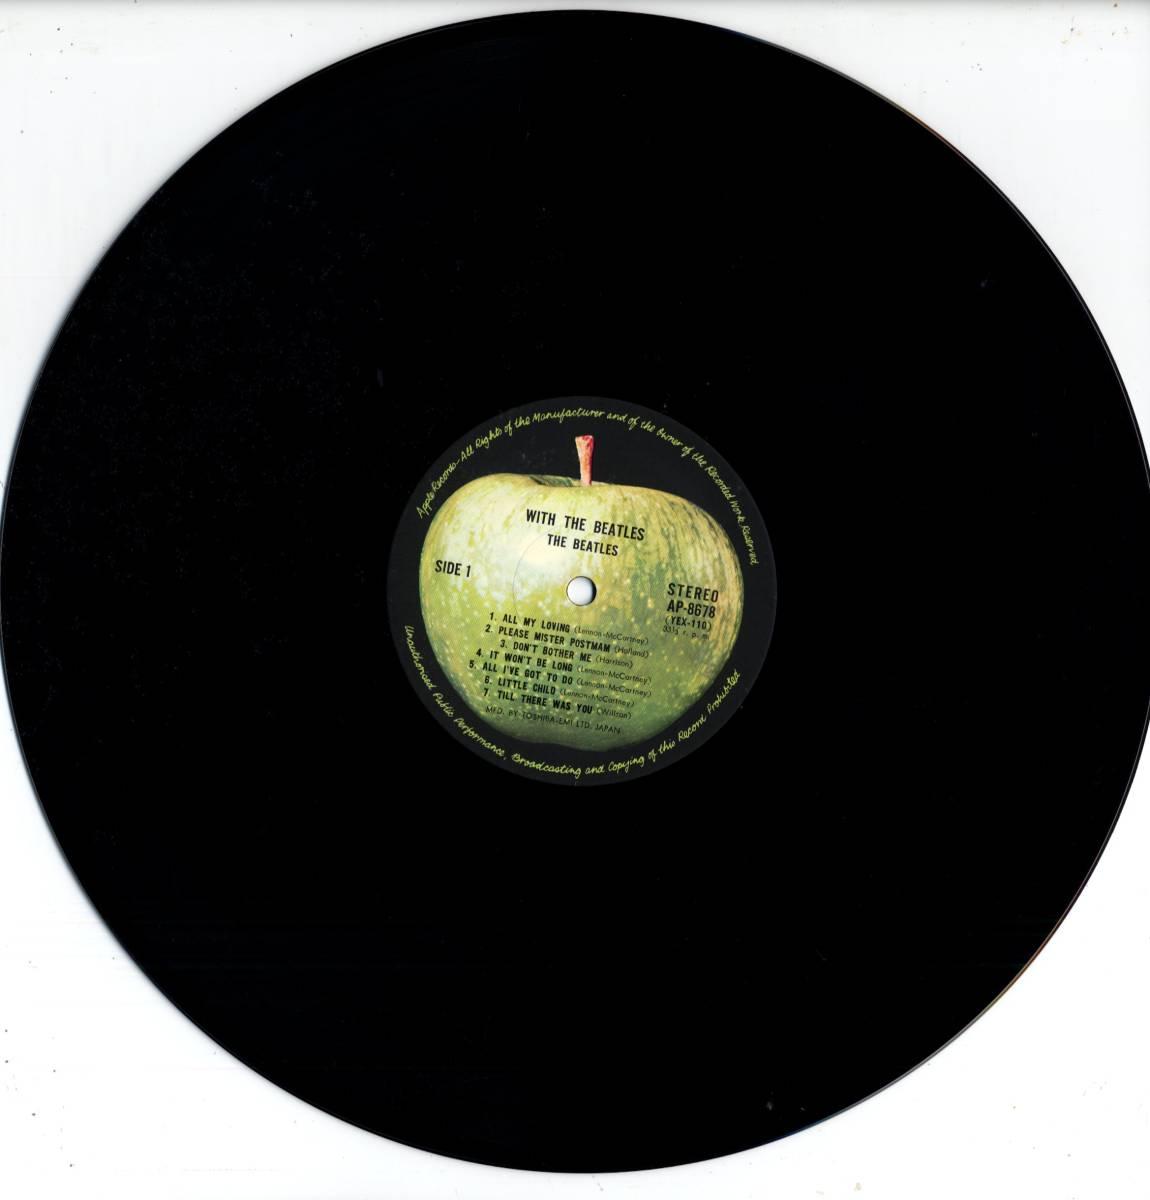 Beatles 「With The Beatles」国内盤アップルレーベル ダブルジャケット盤LPレコード  (AP-8678)_画像8